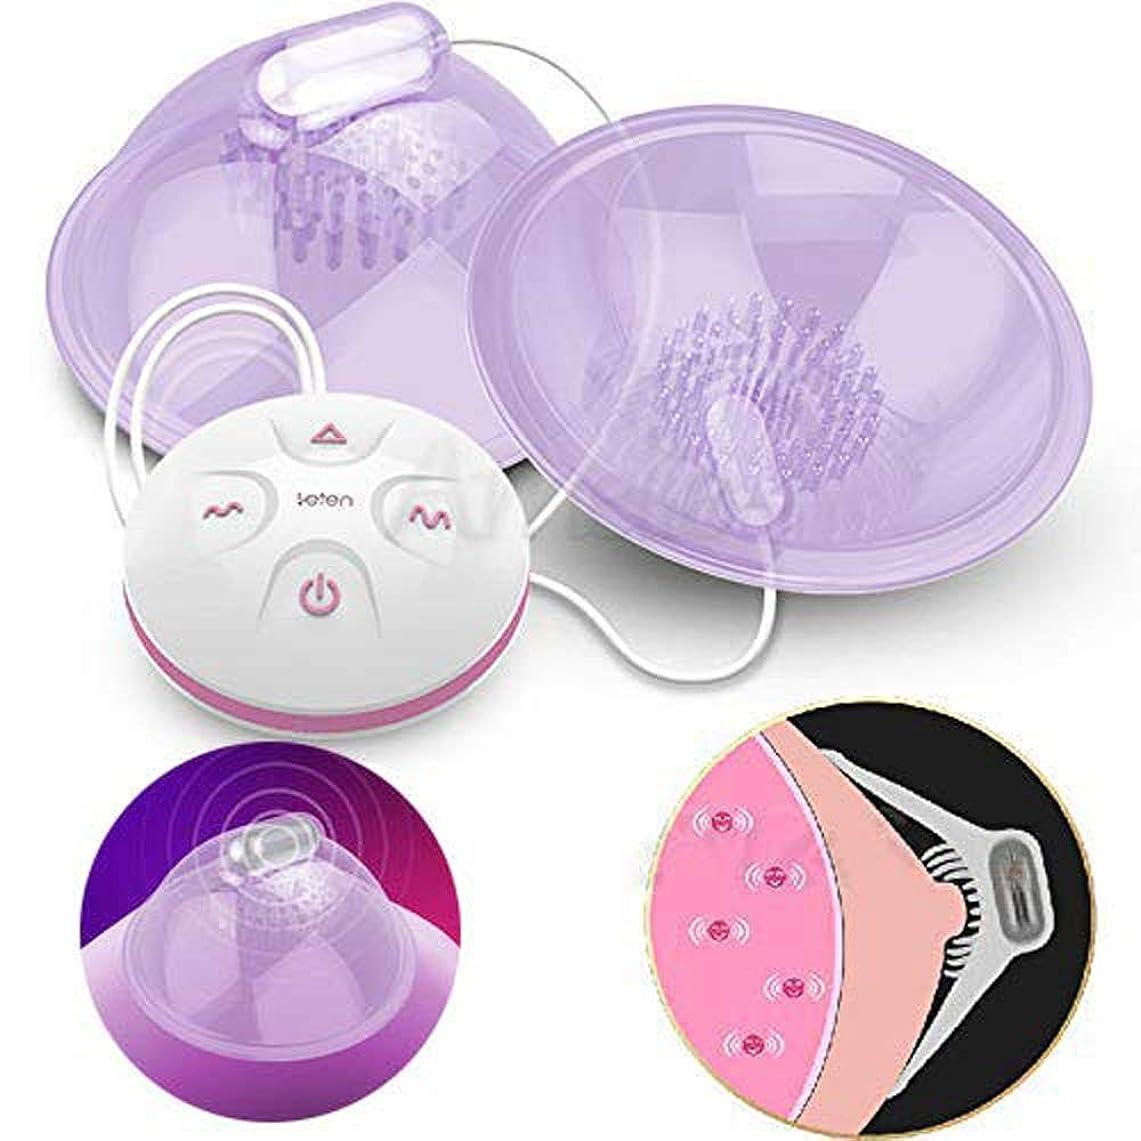 渇きトピック王位充電式Ni-ppleマッサージャー胸胸部刺激装置エンハンサー玩具女性、小売ボックス付き10スピードスピードモード電動ポンプ吸盤